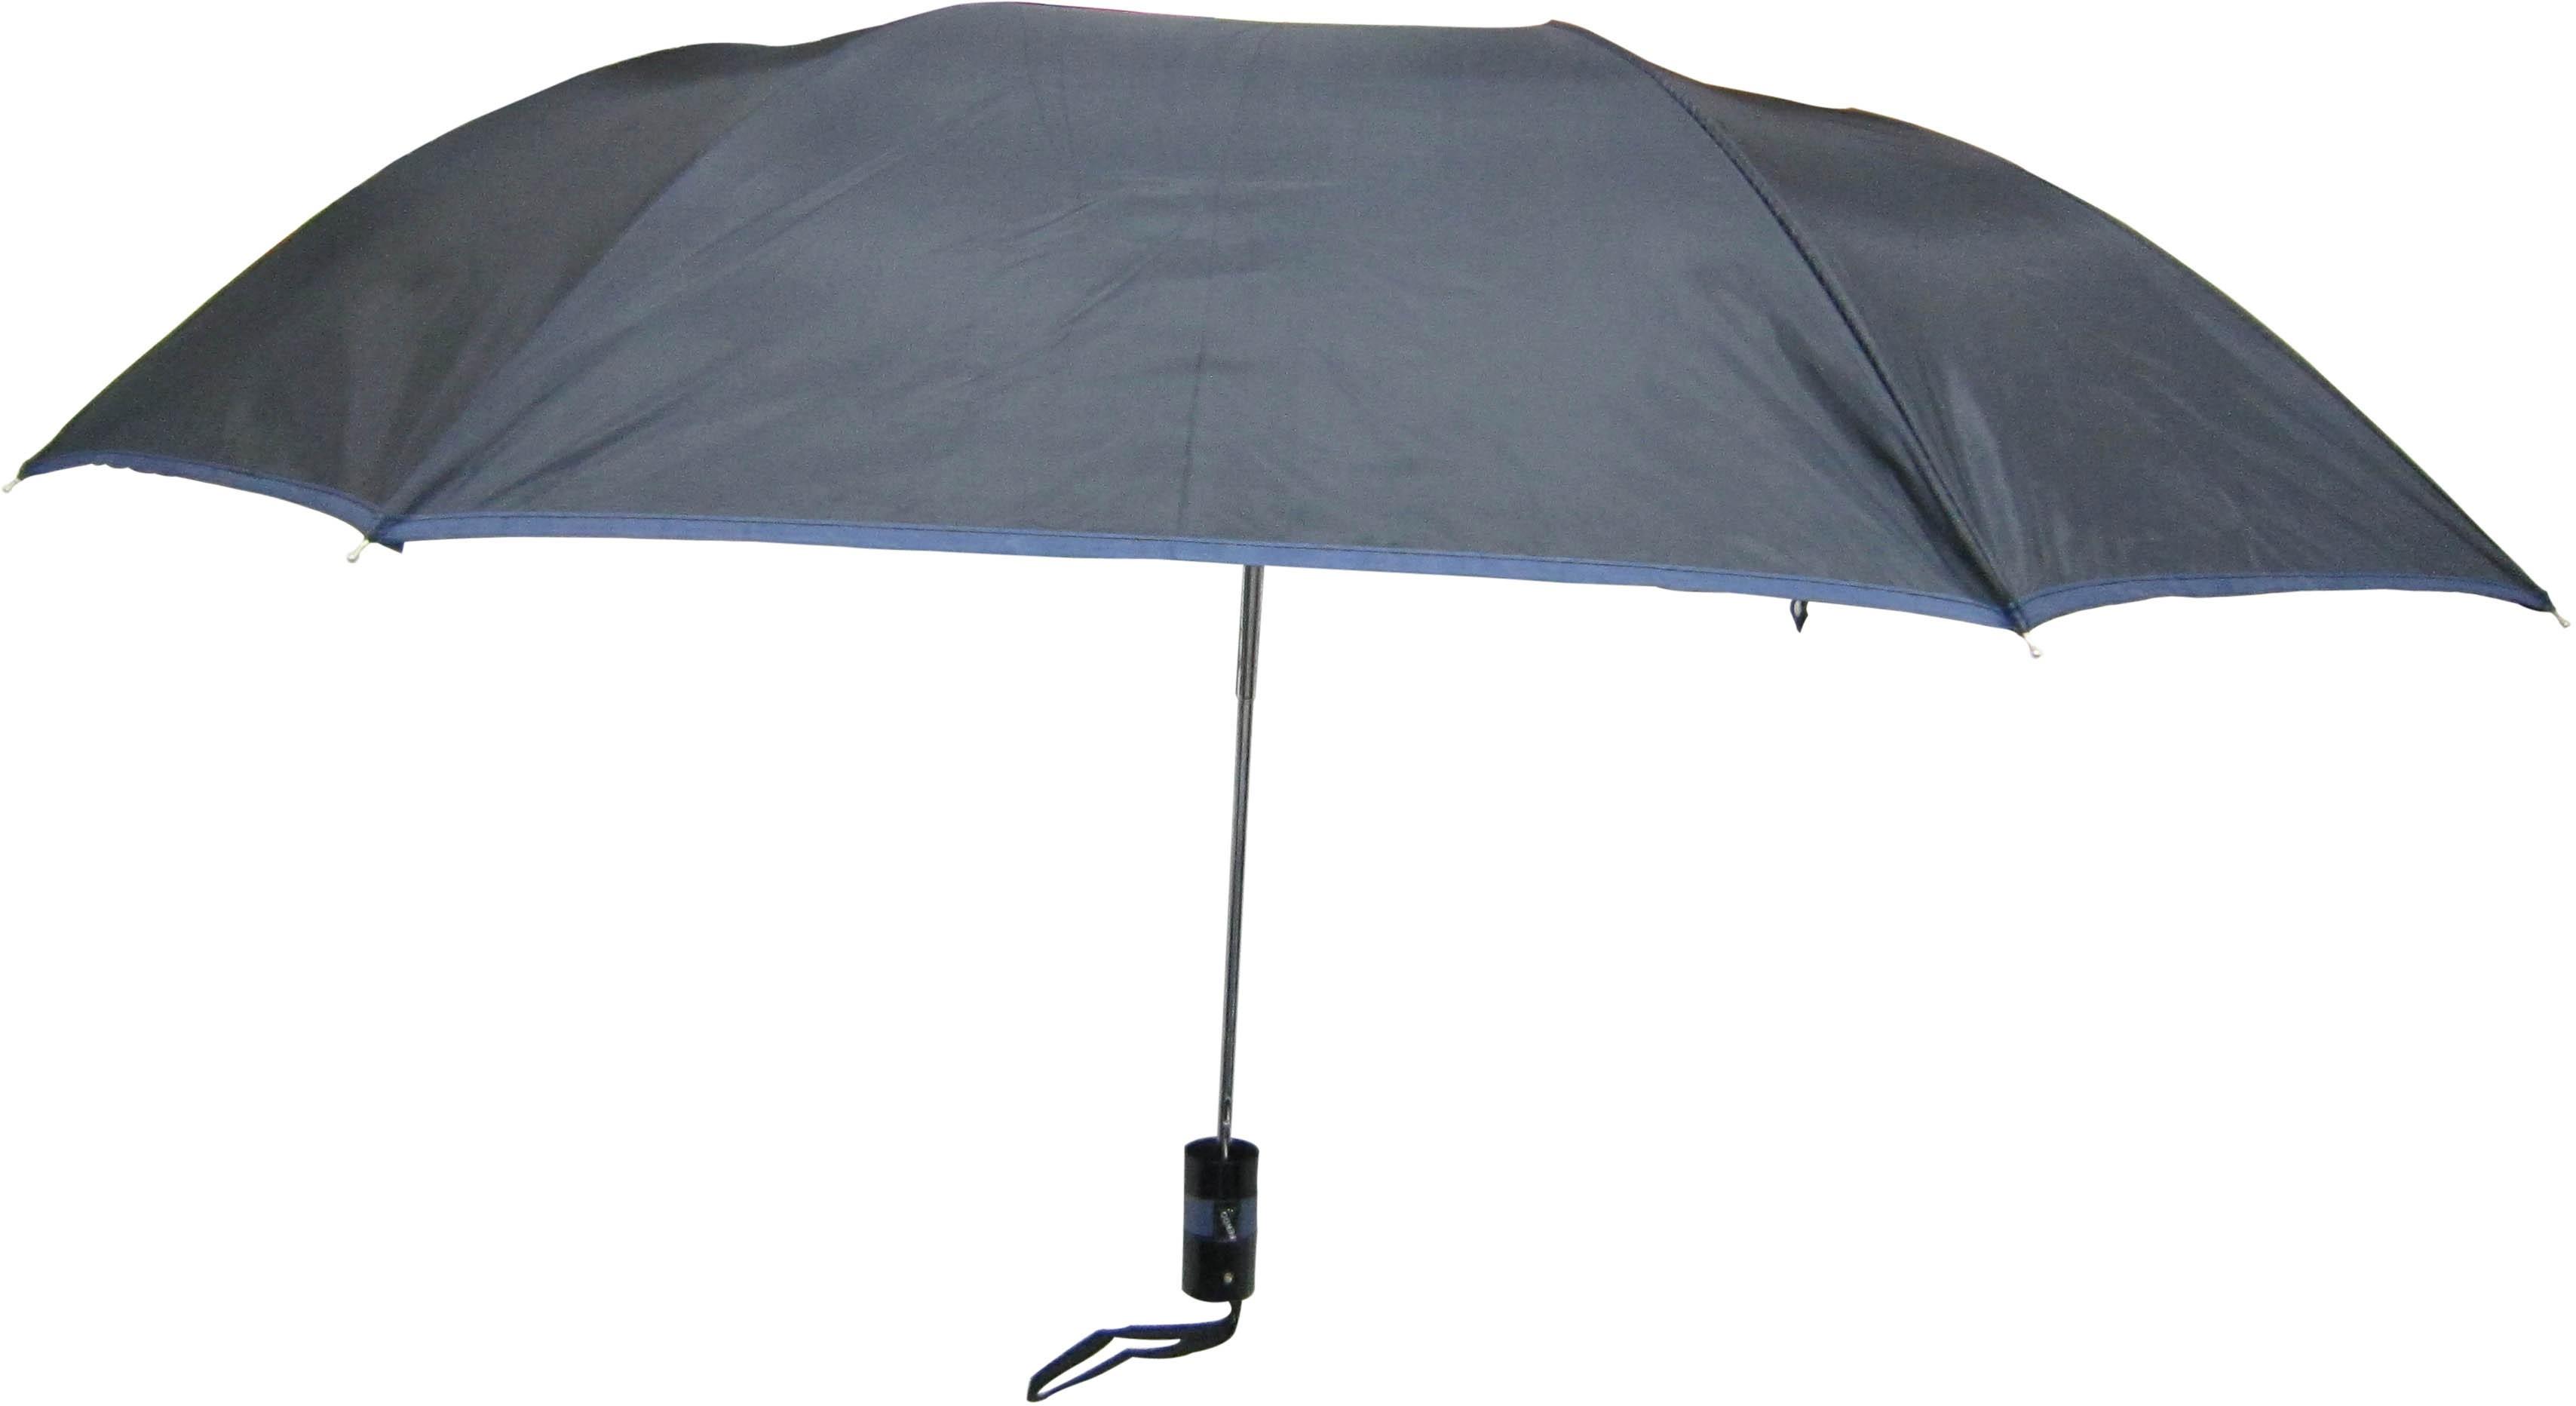 Deals | Up to 40% Off Umbrellas